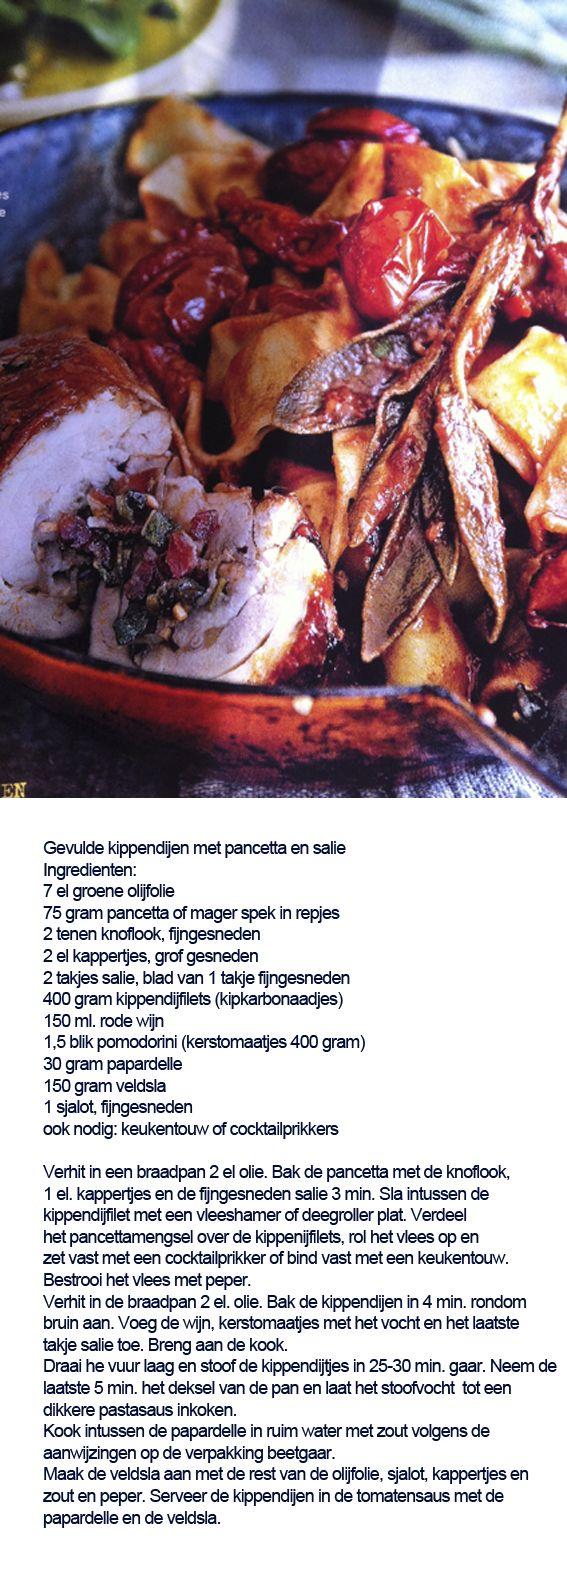 Gevulde kippendijen met pancetta en salie - Italiaans hoofdgerecht met kip